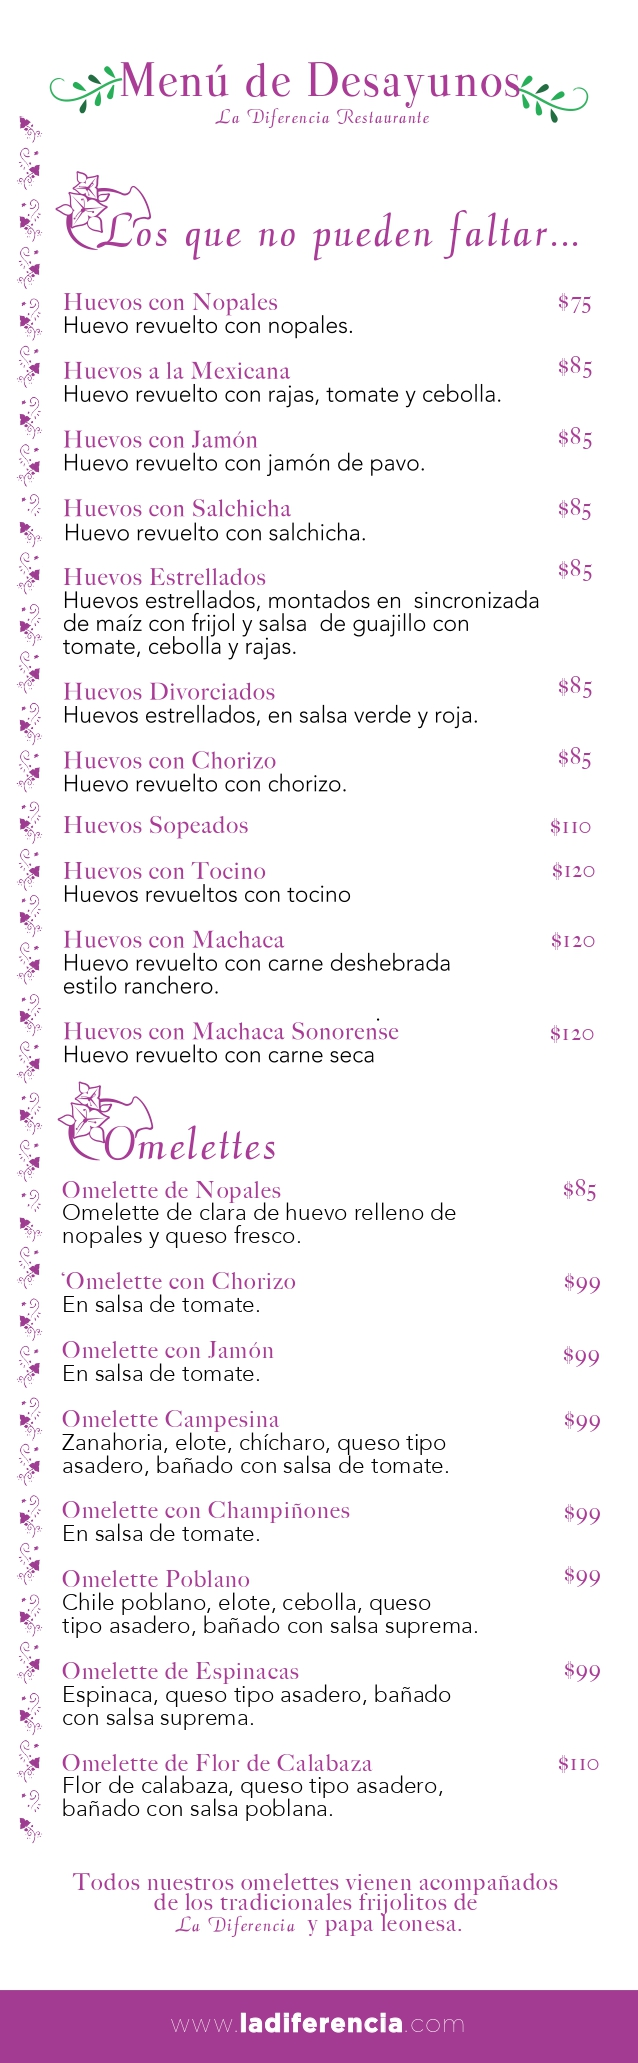 Menú-desayunos_La-Diferencia_2020_pages-to-jpg-0001